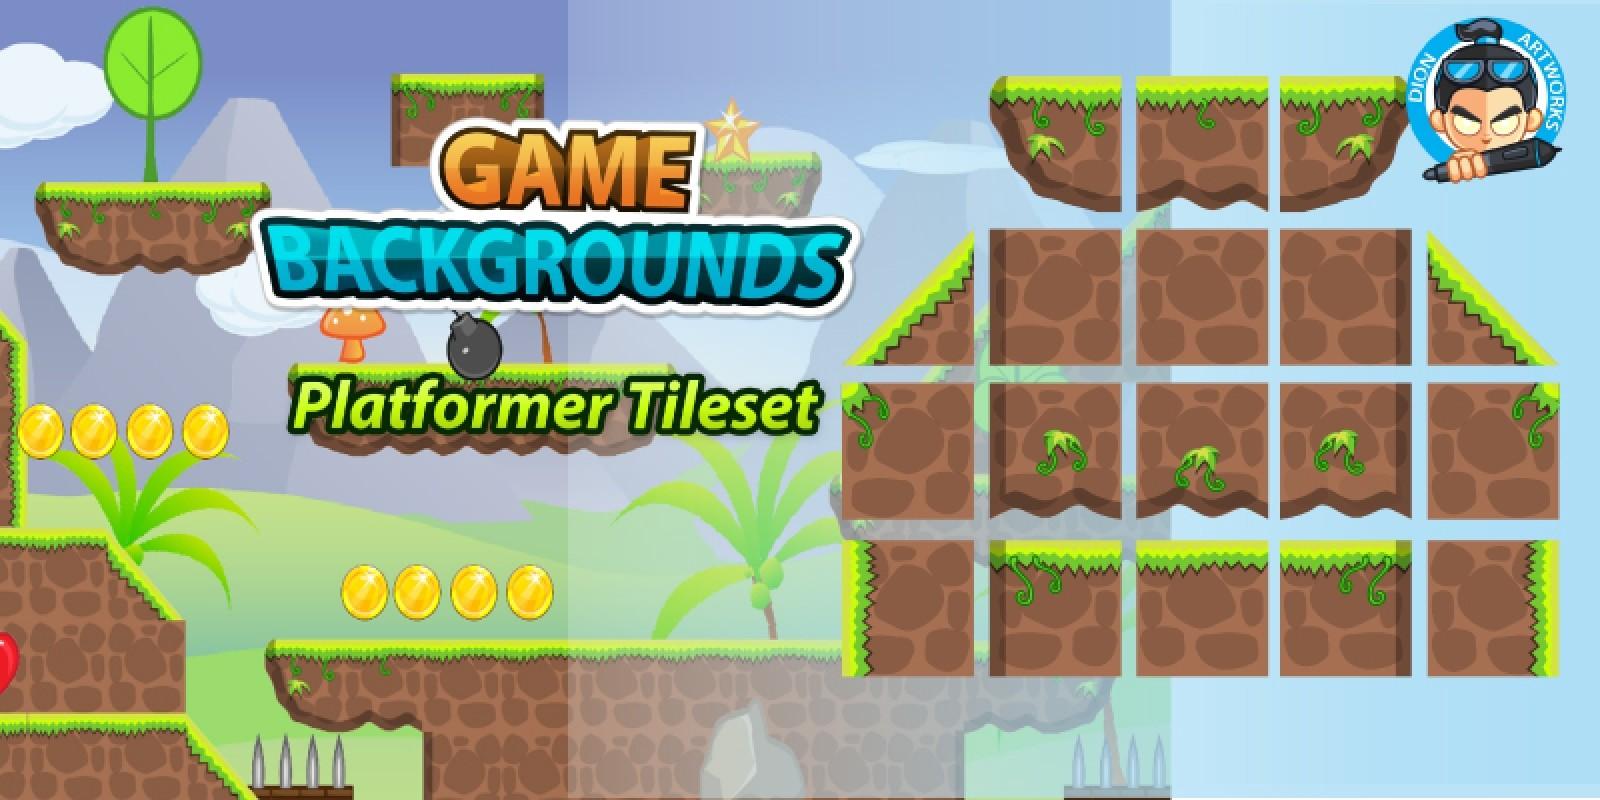 Plat Former Tile Sets Game BG 10